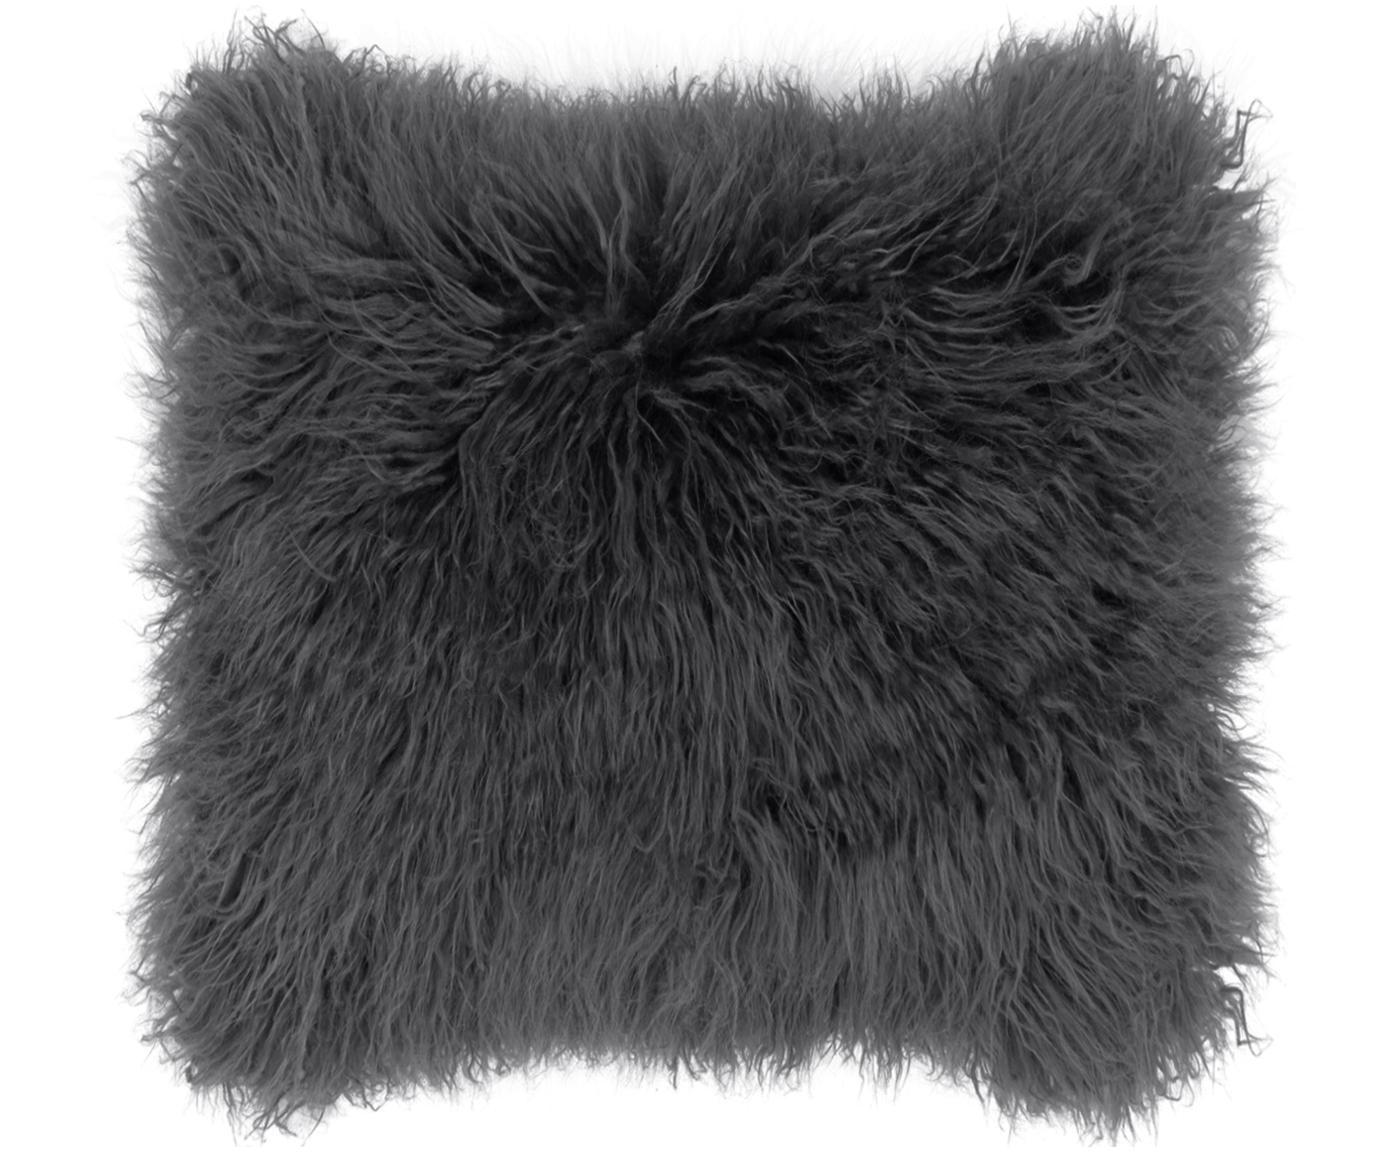 Poszewka na poduszkę ze sztucznego futra Morten, Ciemny szary, S 40 x D 40 cm